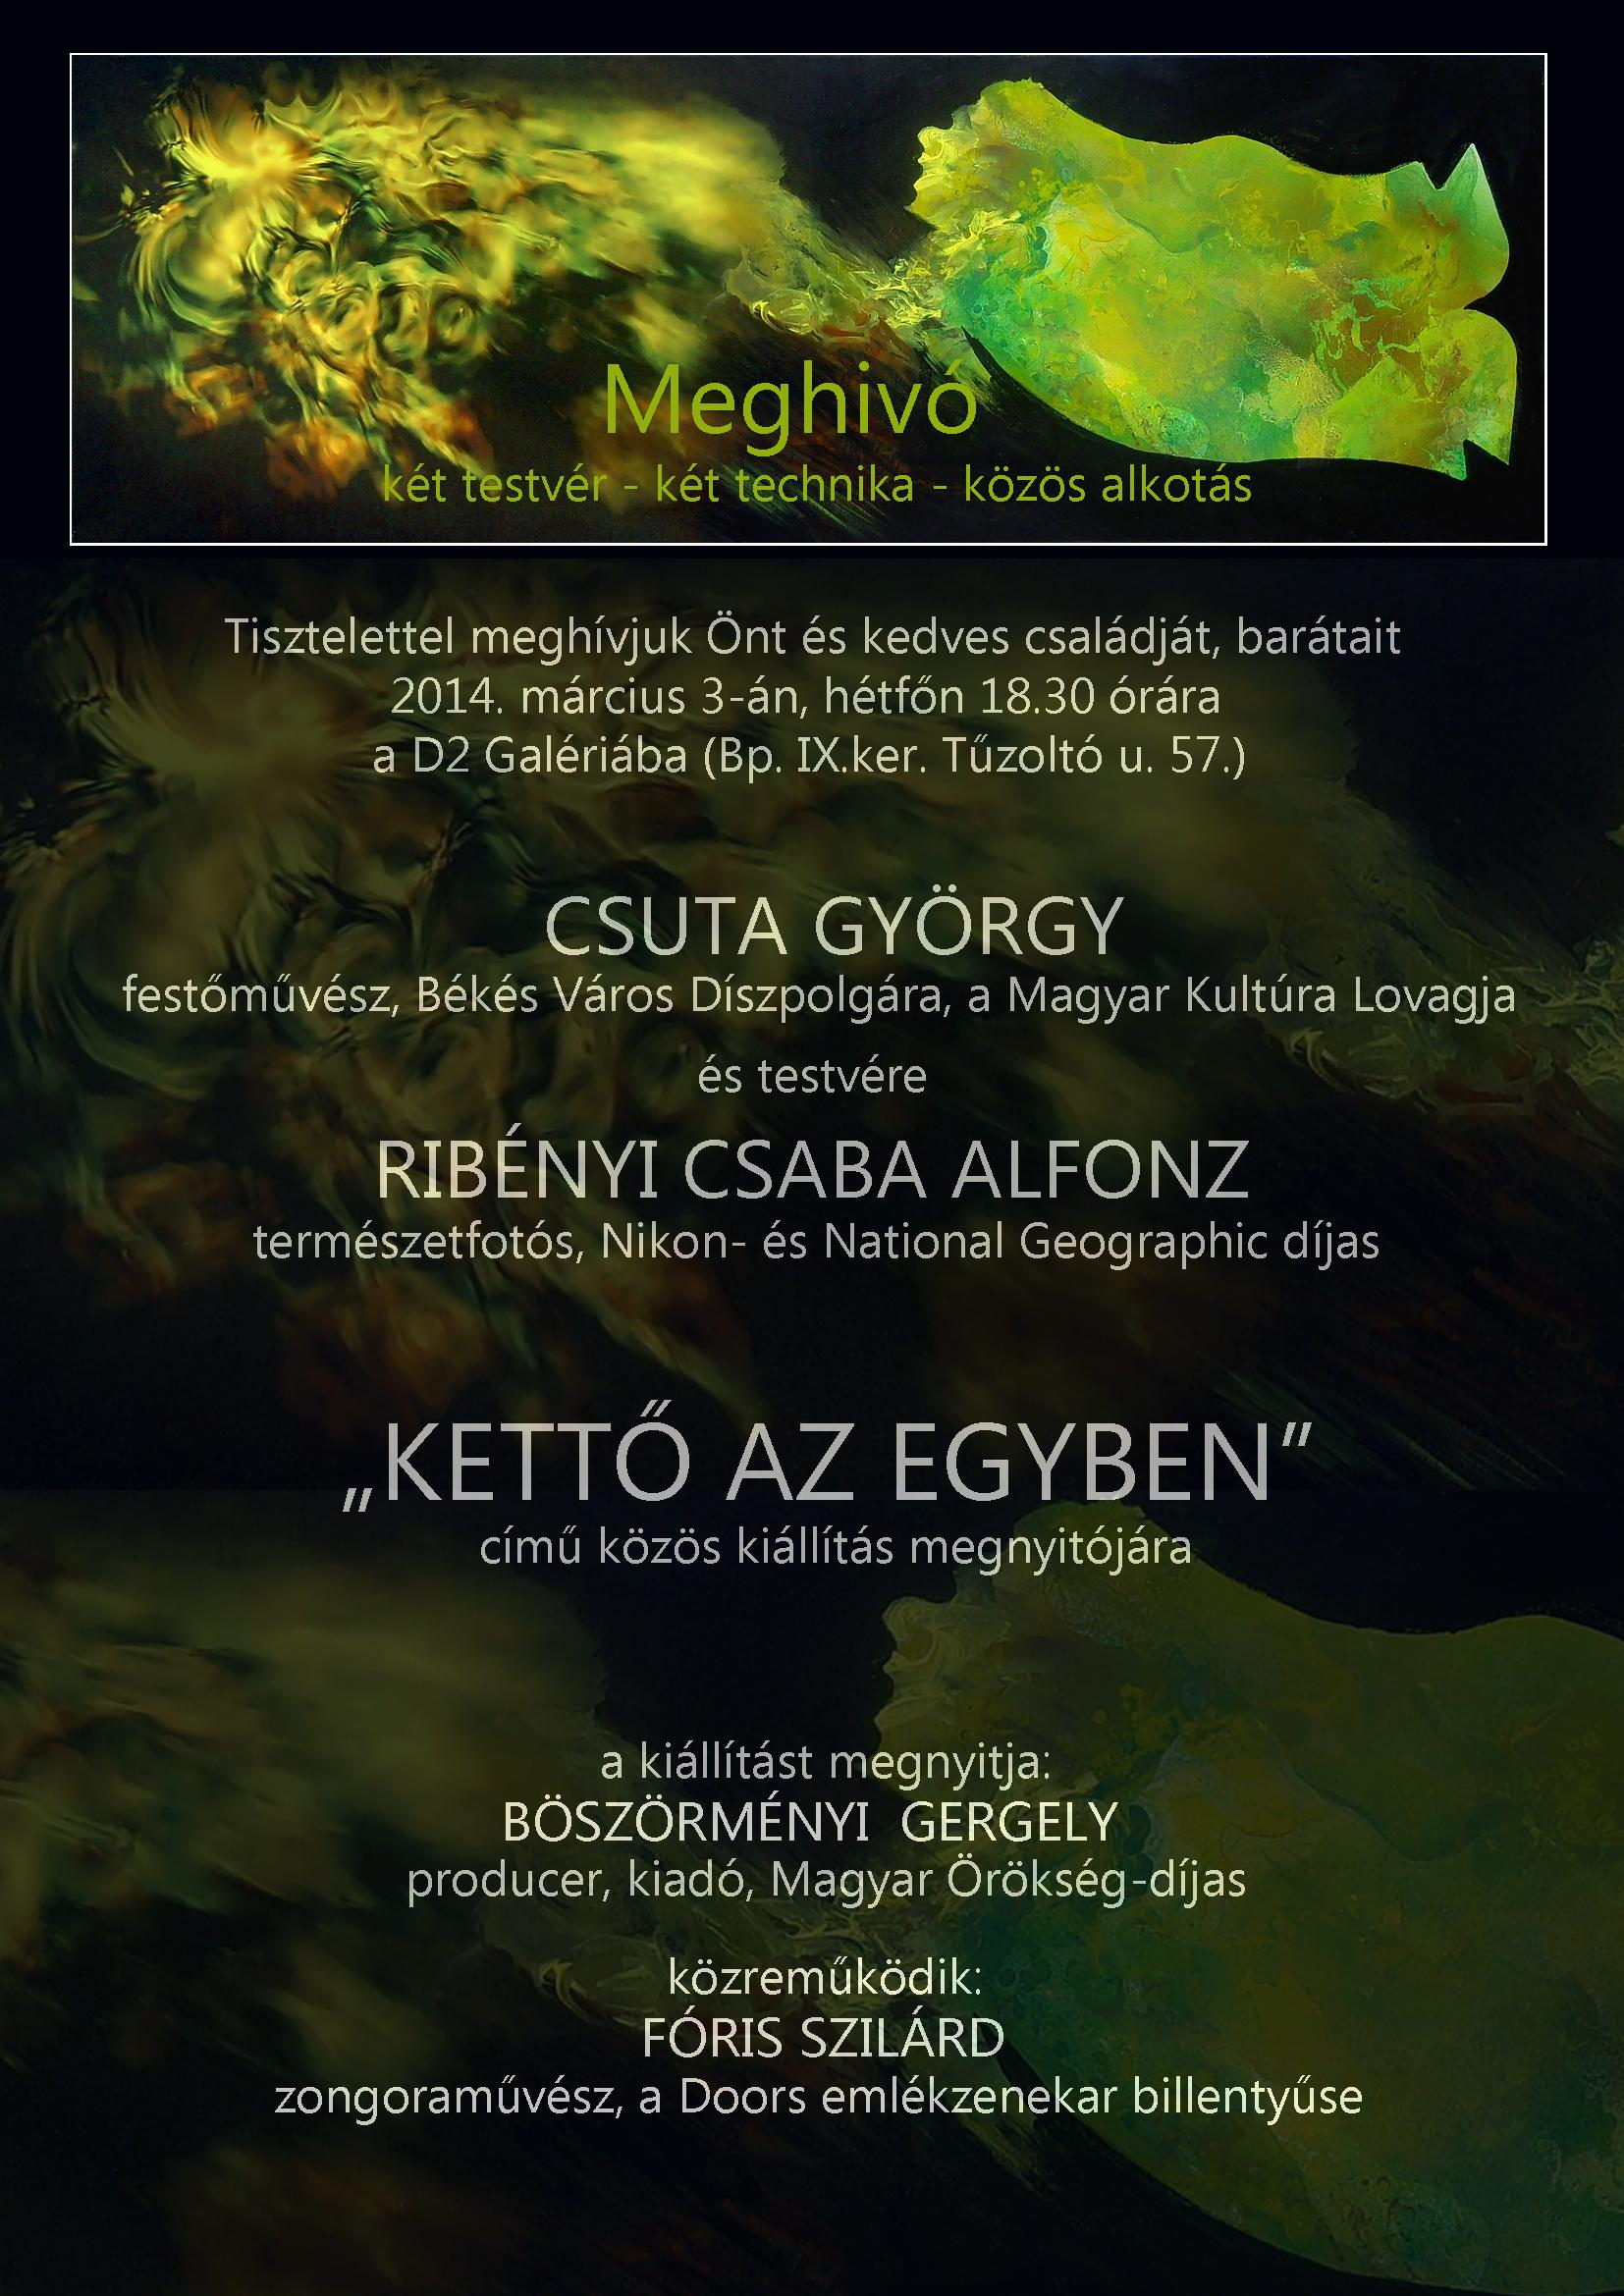 Kettő az egyben kiállítás plakátja